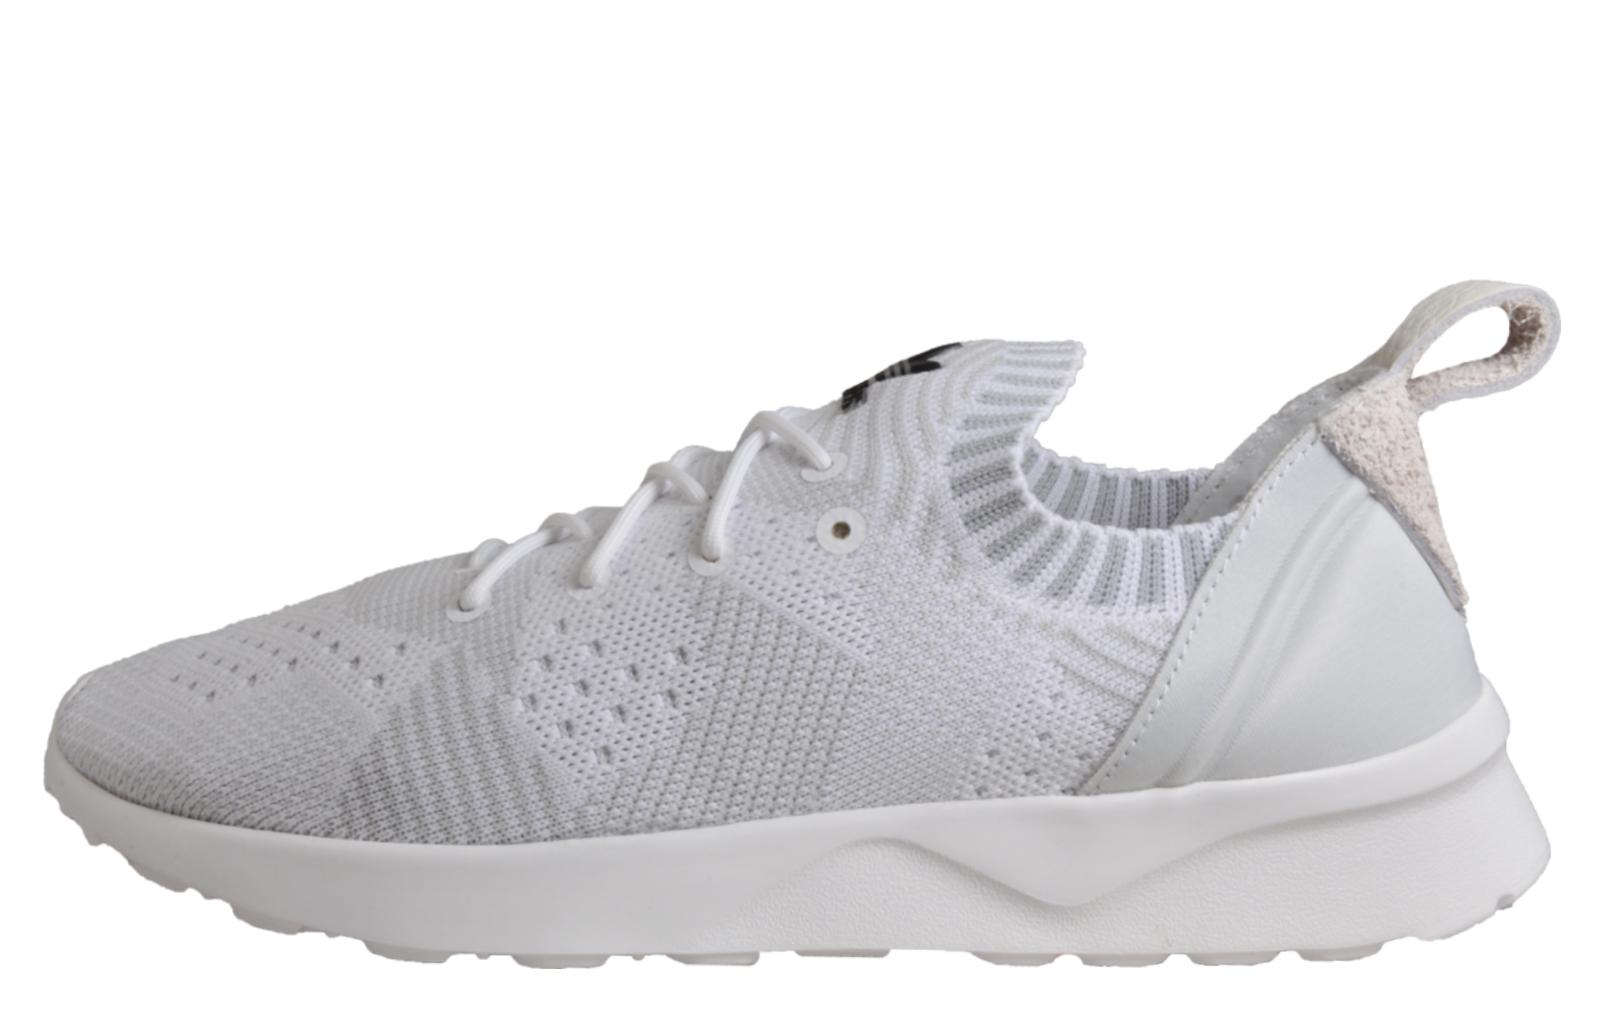 online retailer 57a3d d535a Adidas Originals ZX Flux ADV Virtue PK Primeknit Womens -